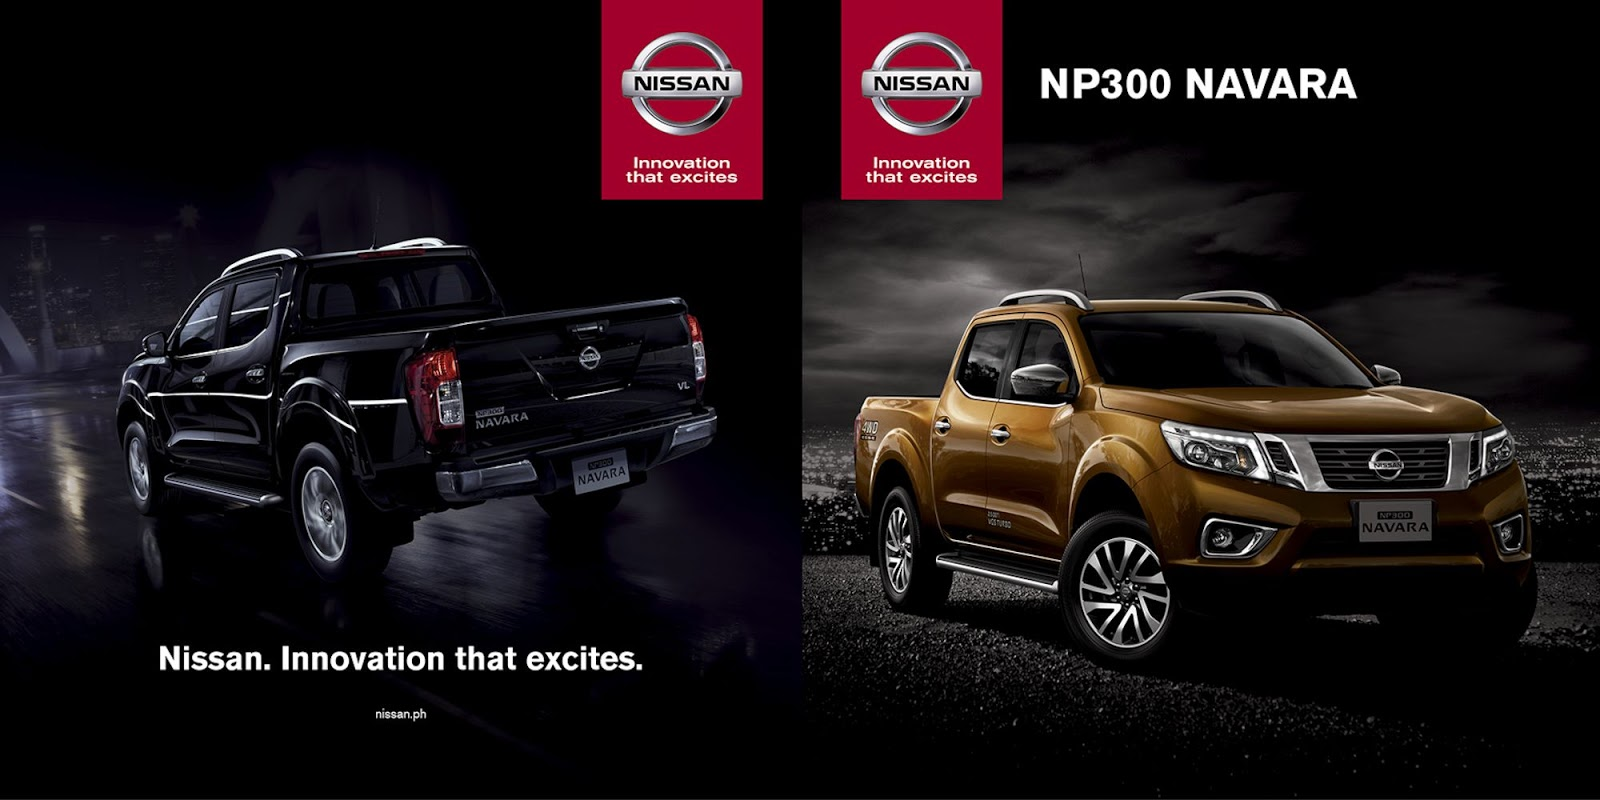 2015 Nissan NP300 Navara Ushers In the Philippine Pick-Up